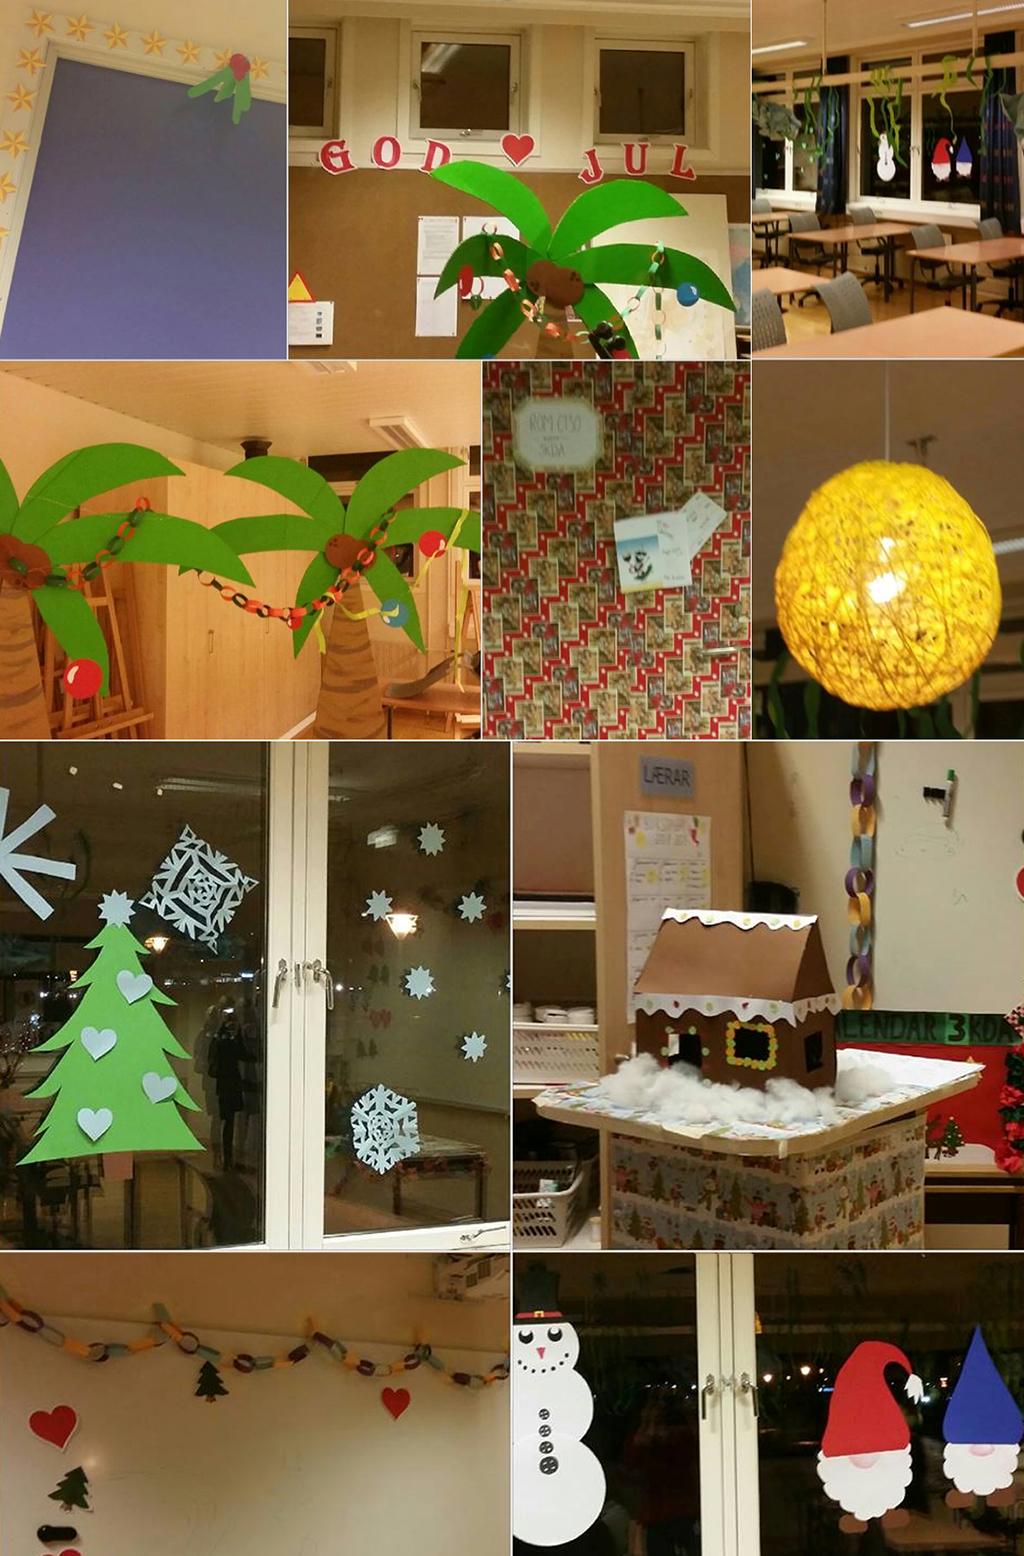 Julepynta klasserom for 3KDA, foto Inger Grønntun.jpg